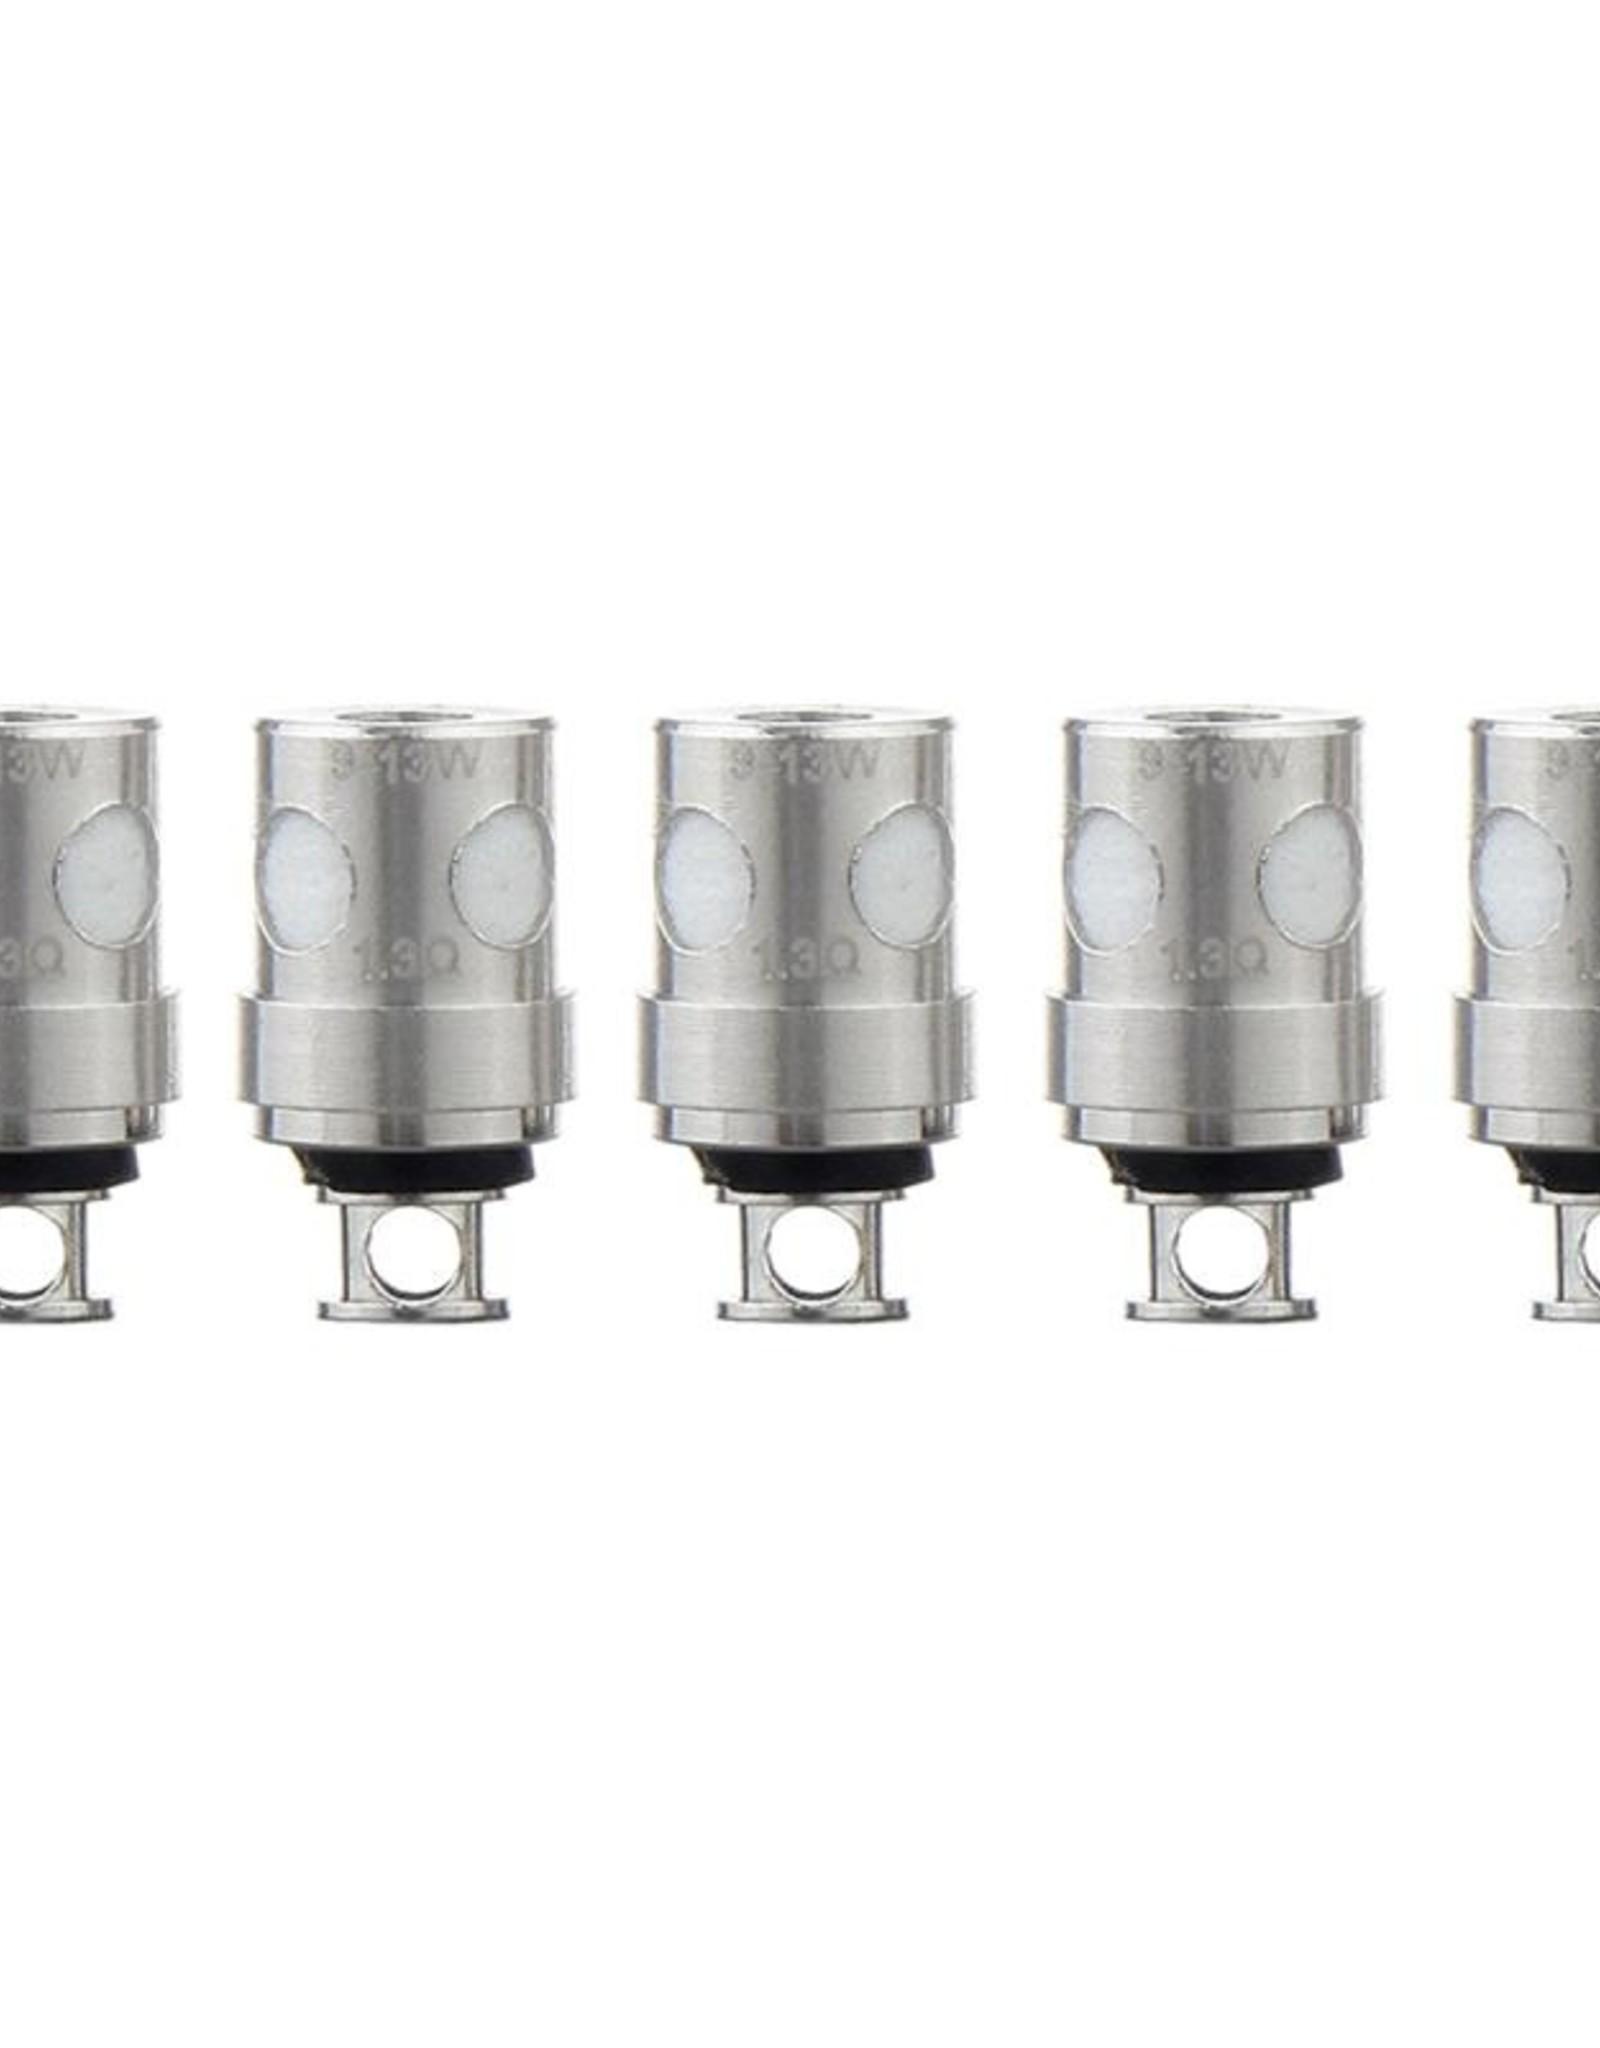 Vaporesso Vaporesso Mini EUC Coil for Drizzle 1,3 Ohm  5 stuks